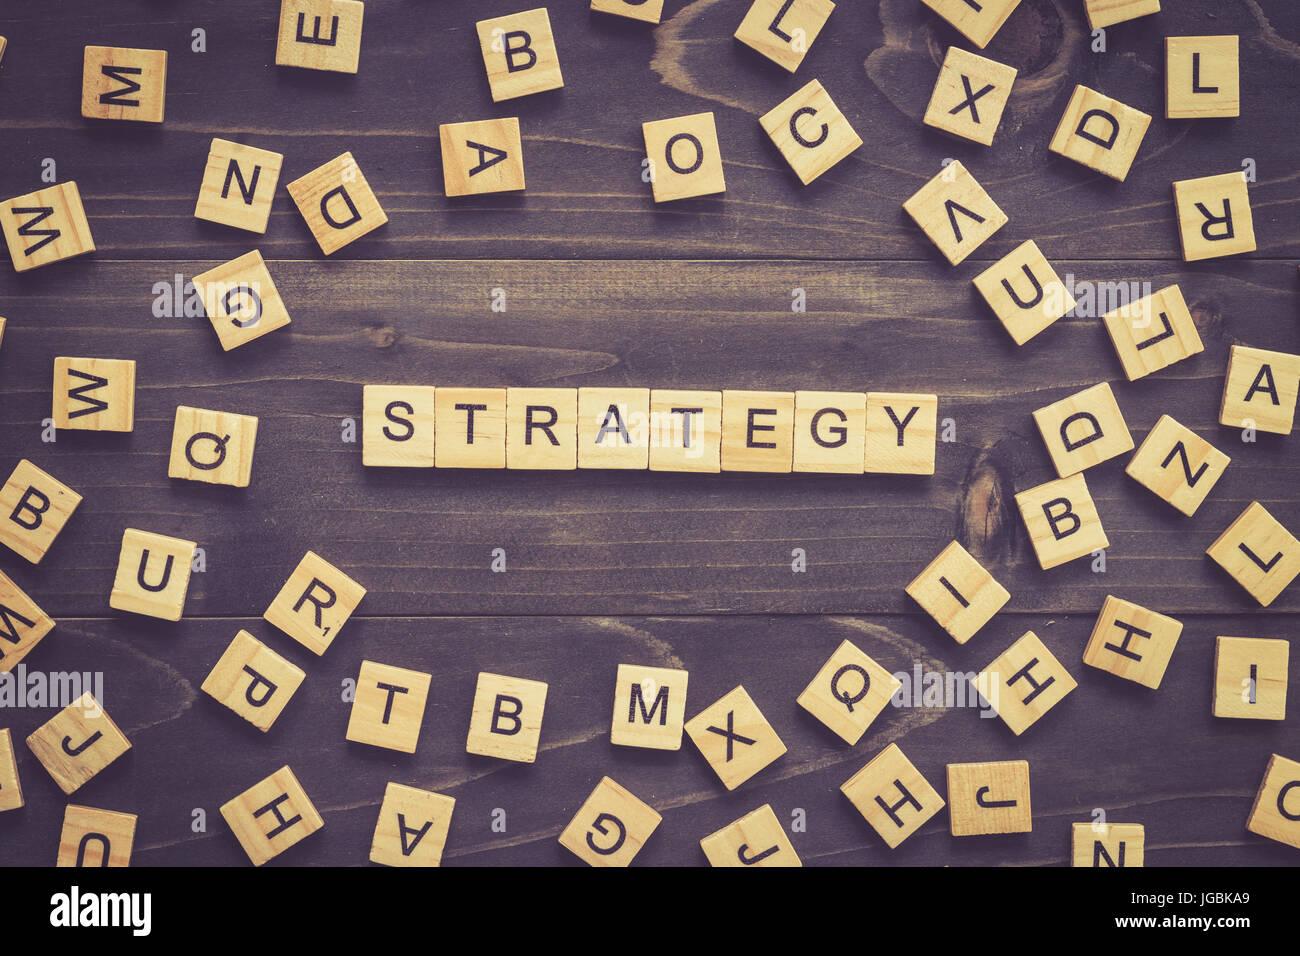 Strategia Parola del blocco di legno sul tavolo per la concezione di business. Immagini Stock